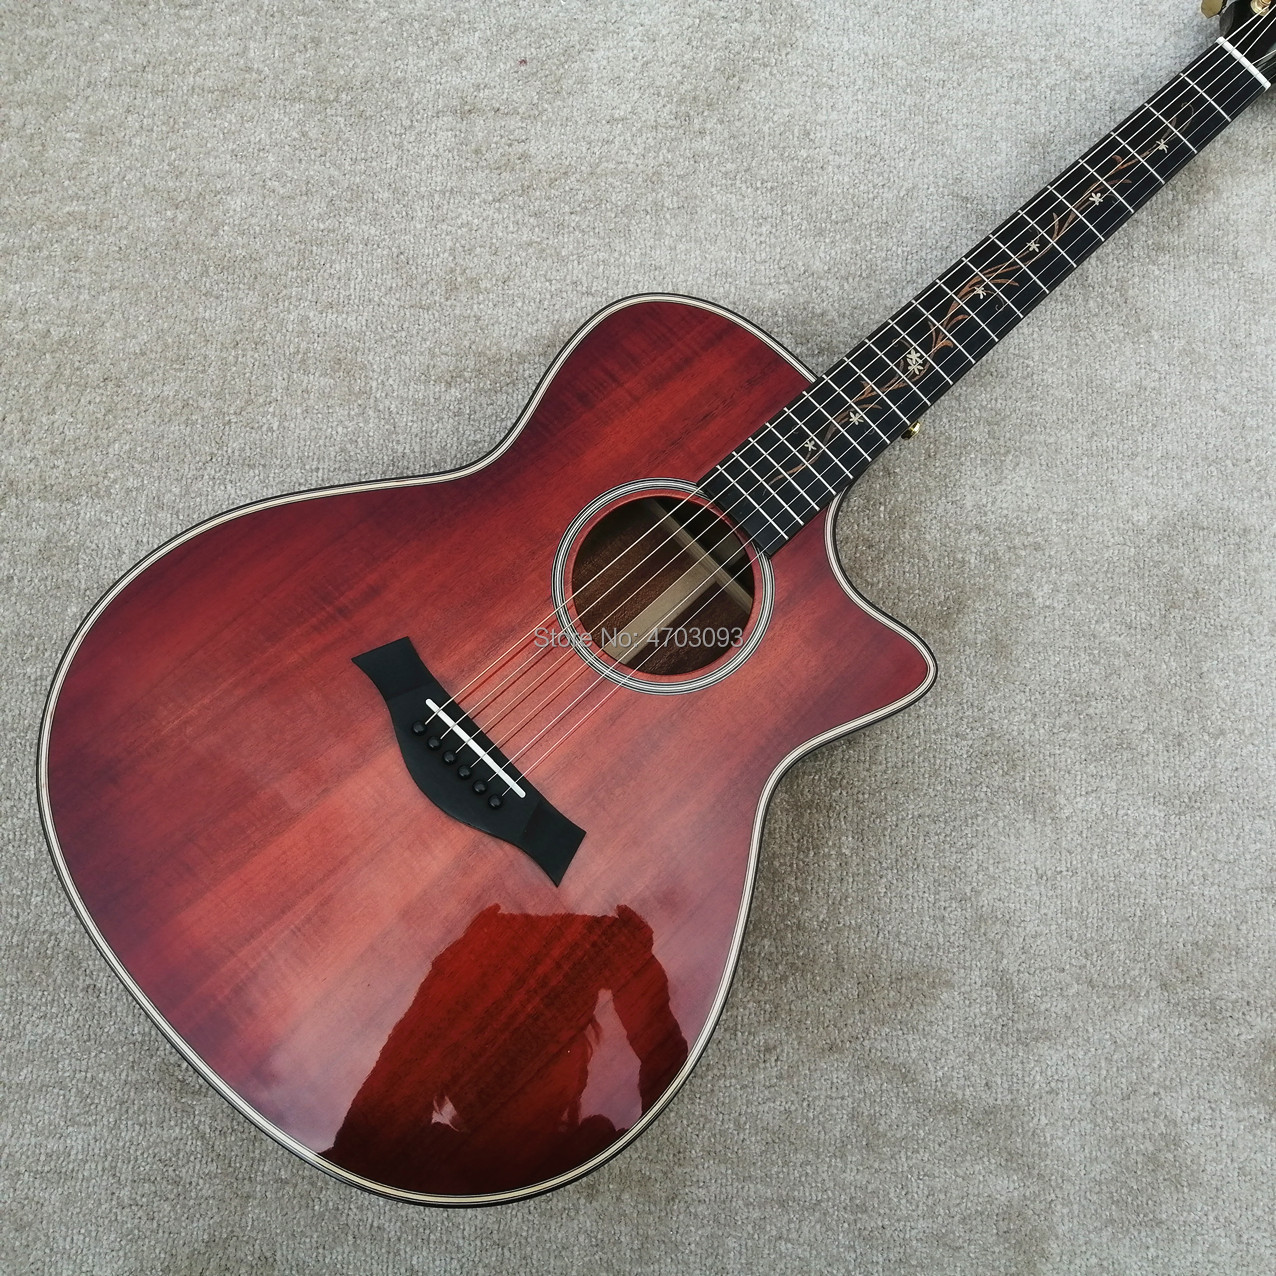 2019 OEM Choylar k24ce koa guitare acoustique classique, 6 cordes 916 guitare électrique, ébène Fretboard, livraison gratuite